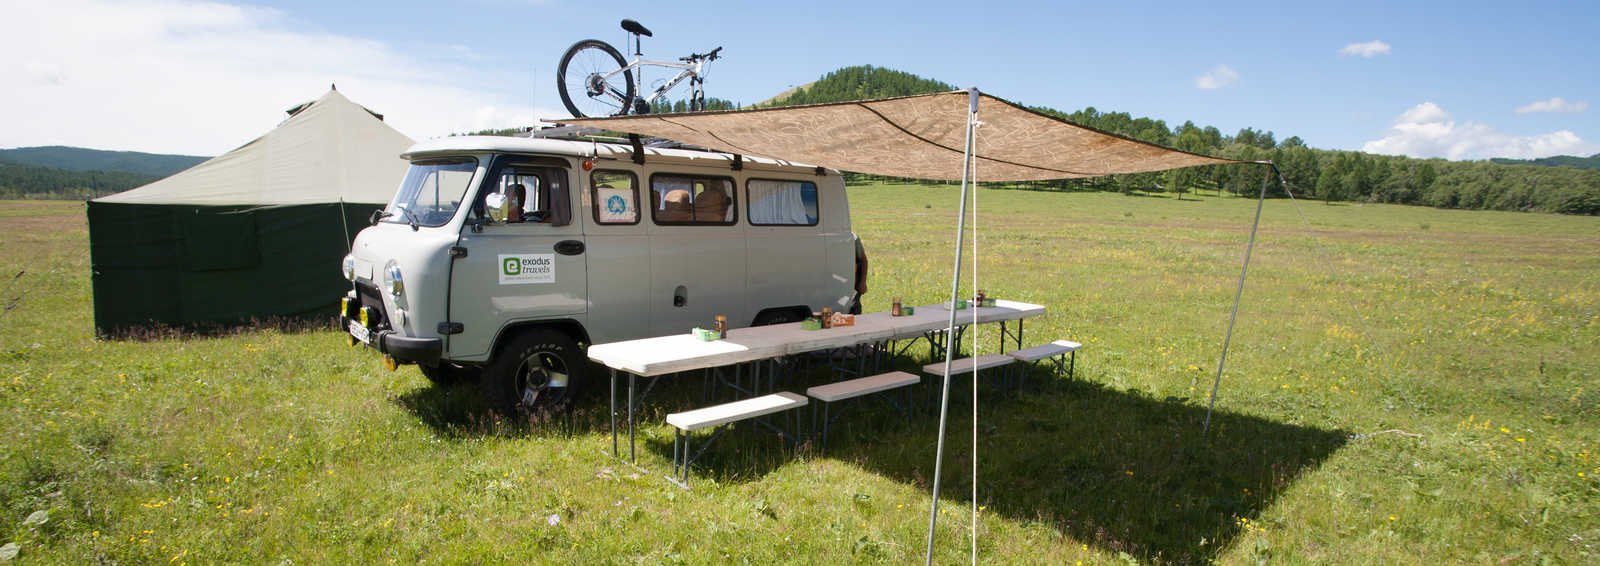 Cycling snack break in Mongolia